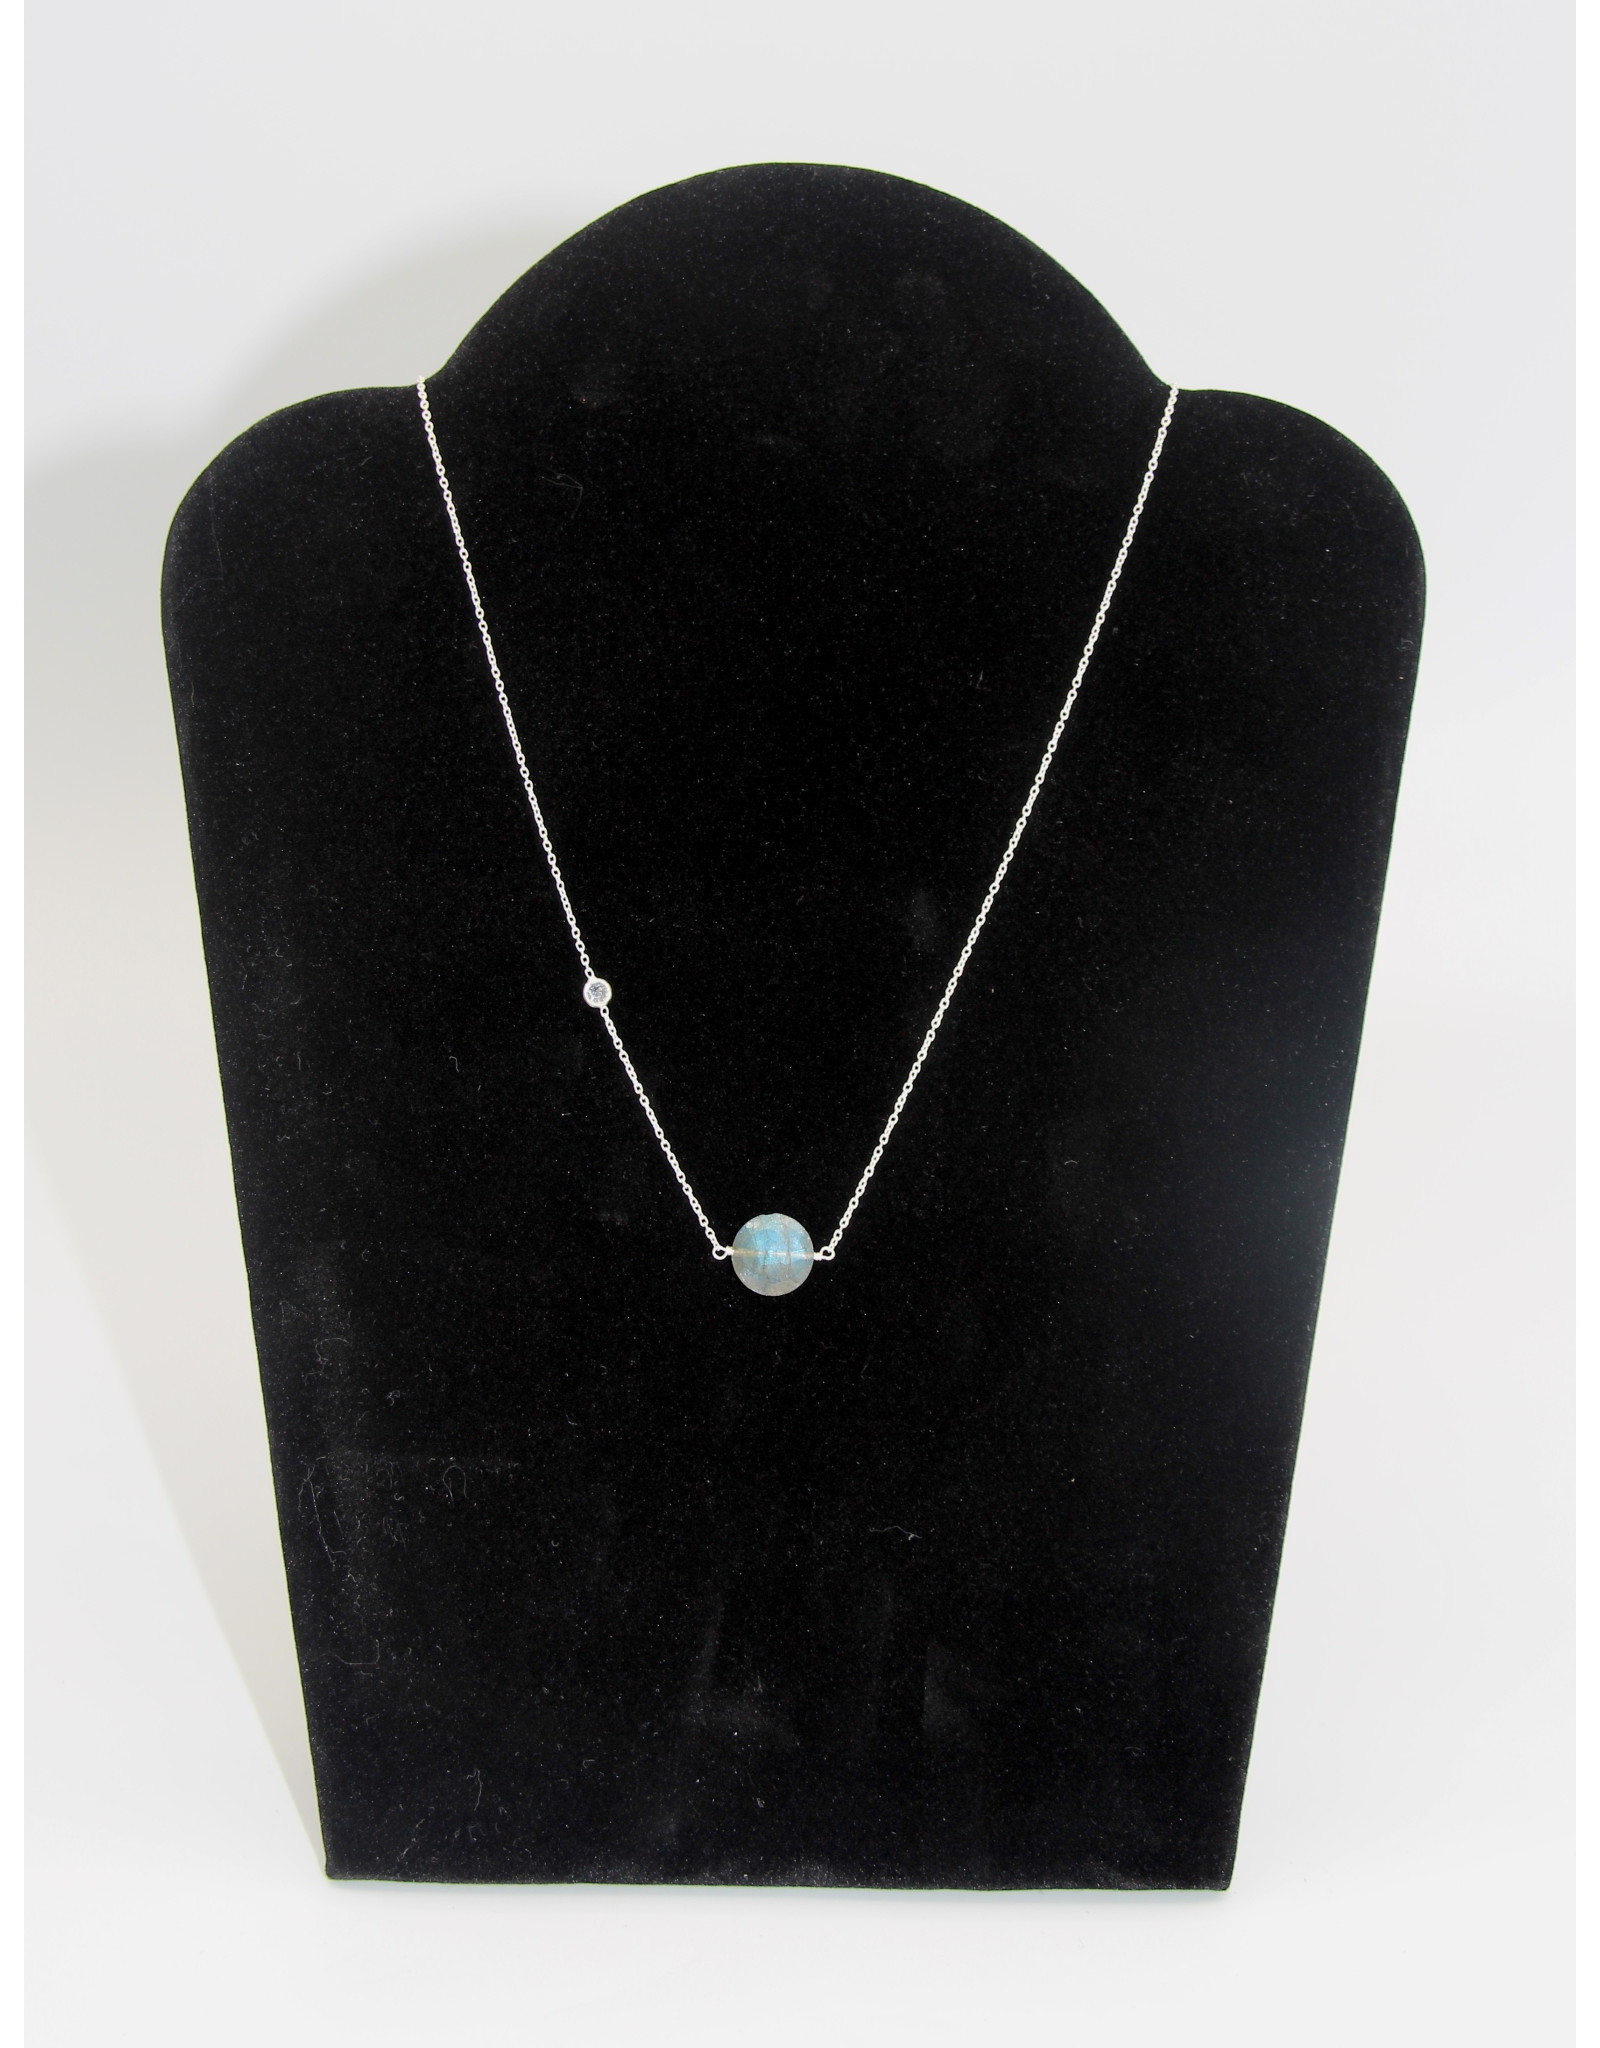 Labradorite Necklace - 10637